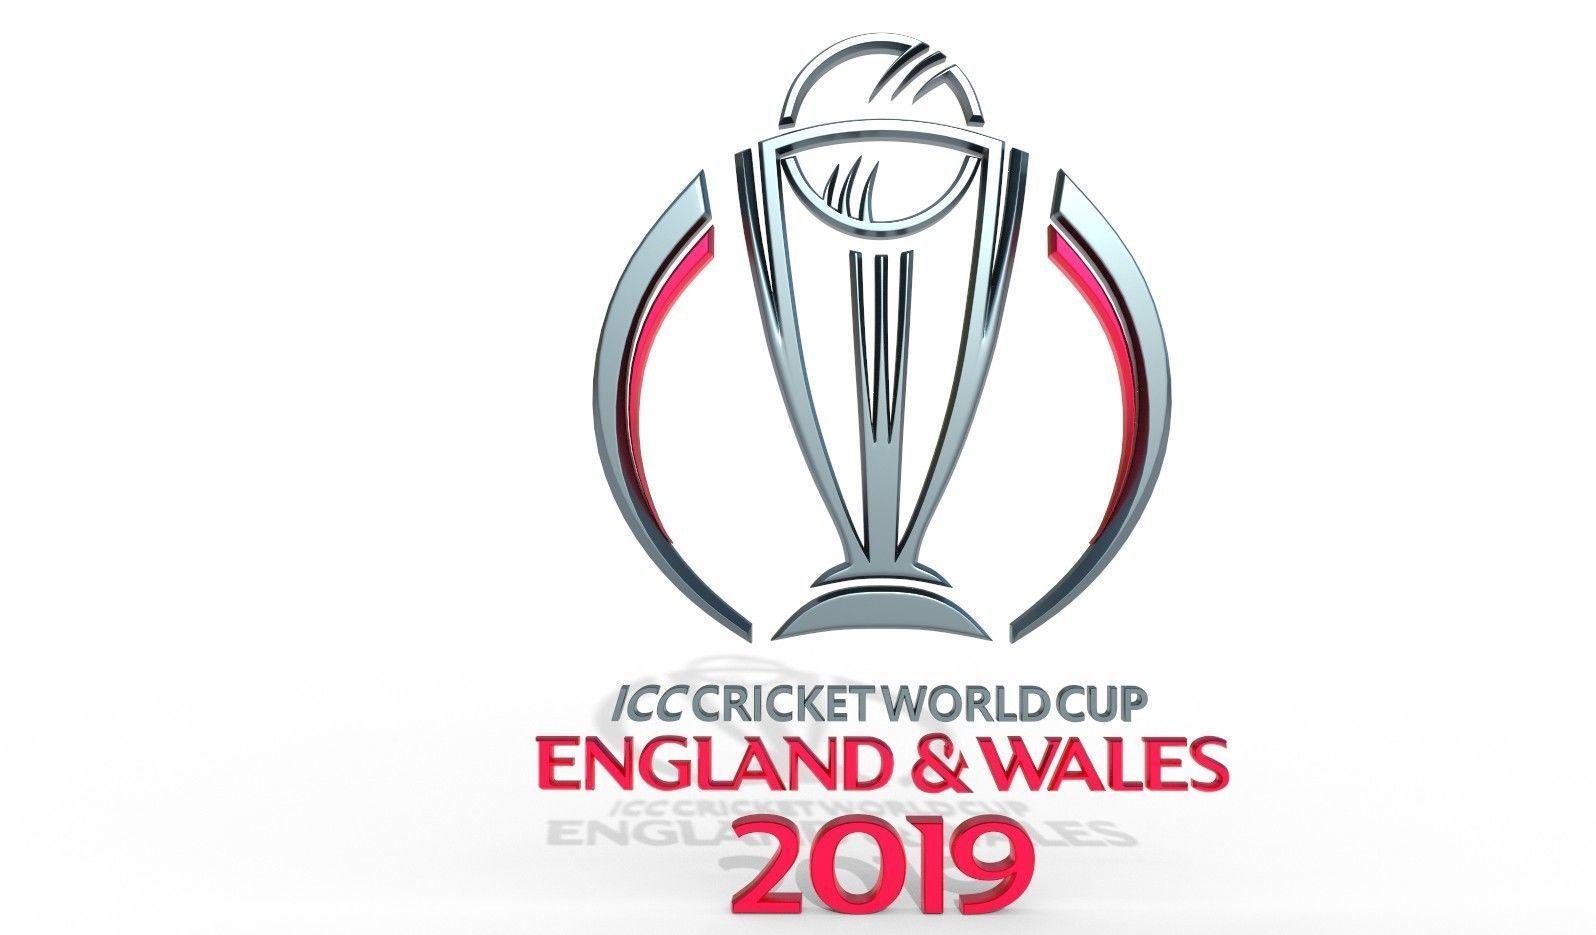 ICC Cricket World Cup 2019 Official Emblem | 3D model